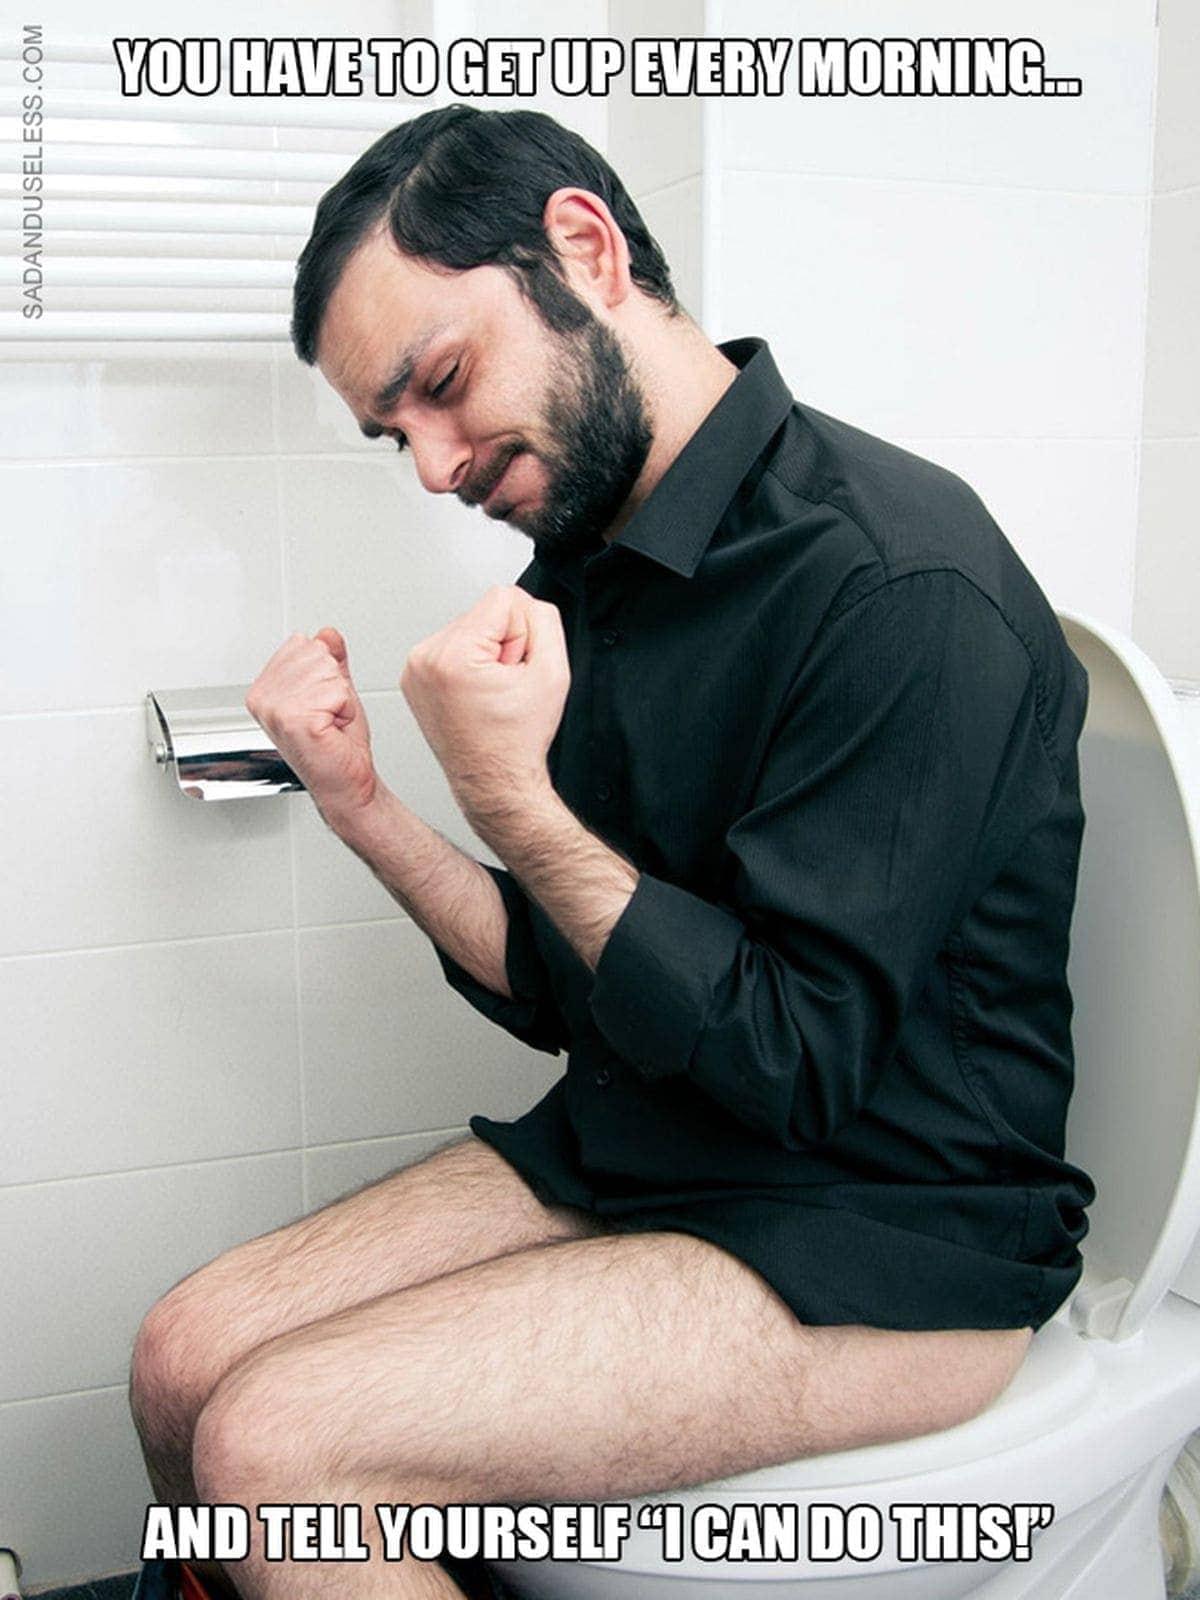 Motivationssprüche in Verbindung mit Leuten auf Toilette – Die Idee des Monats | Lustiges | Was is hier eigentlich los?